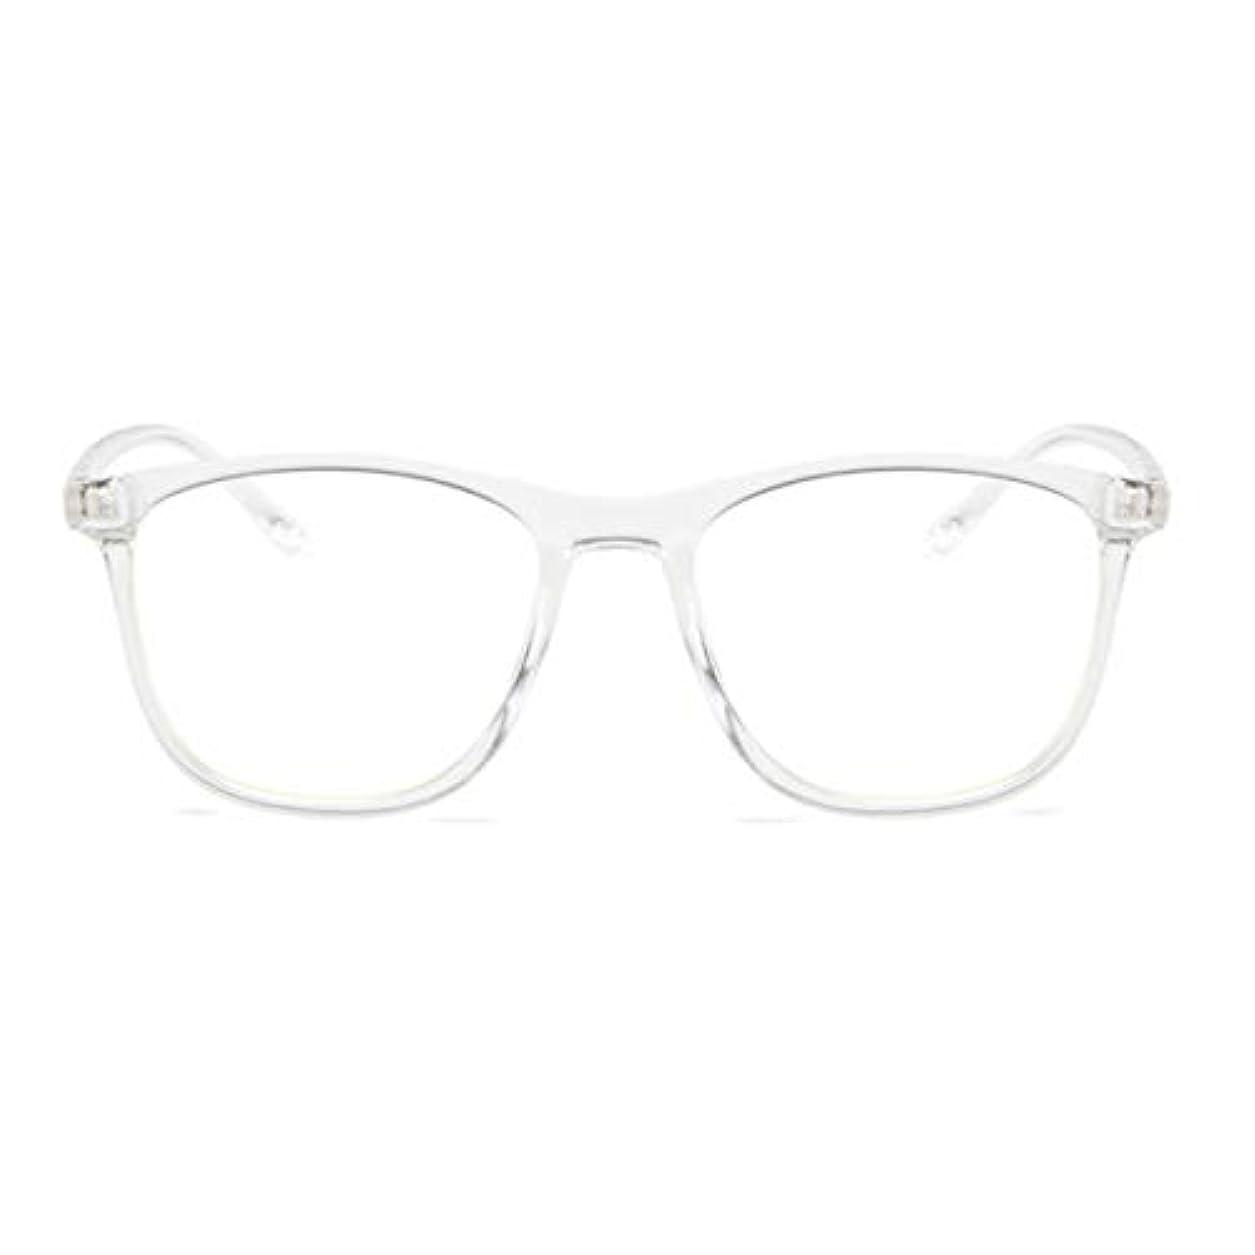 測る縁バケット韓国の学生のプレーンメガネ男性と女性のファッションメガネフレーム近視メガネフレームファッショナブルなシンプルなメガネ-透明ホワイト